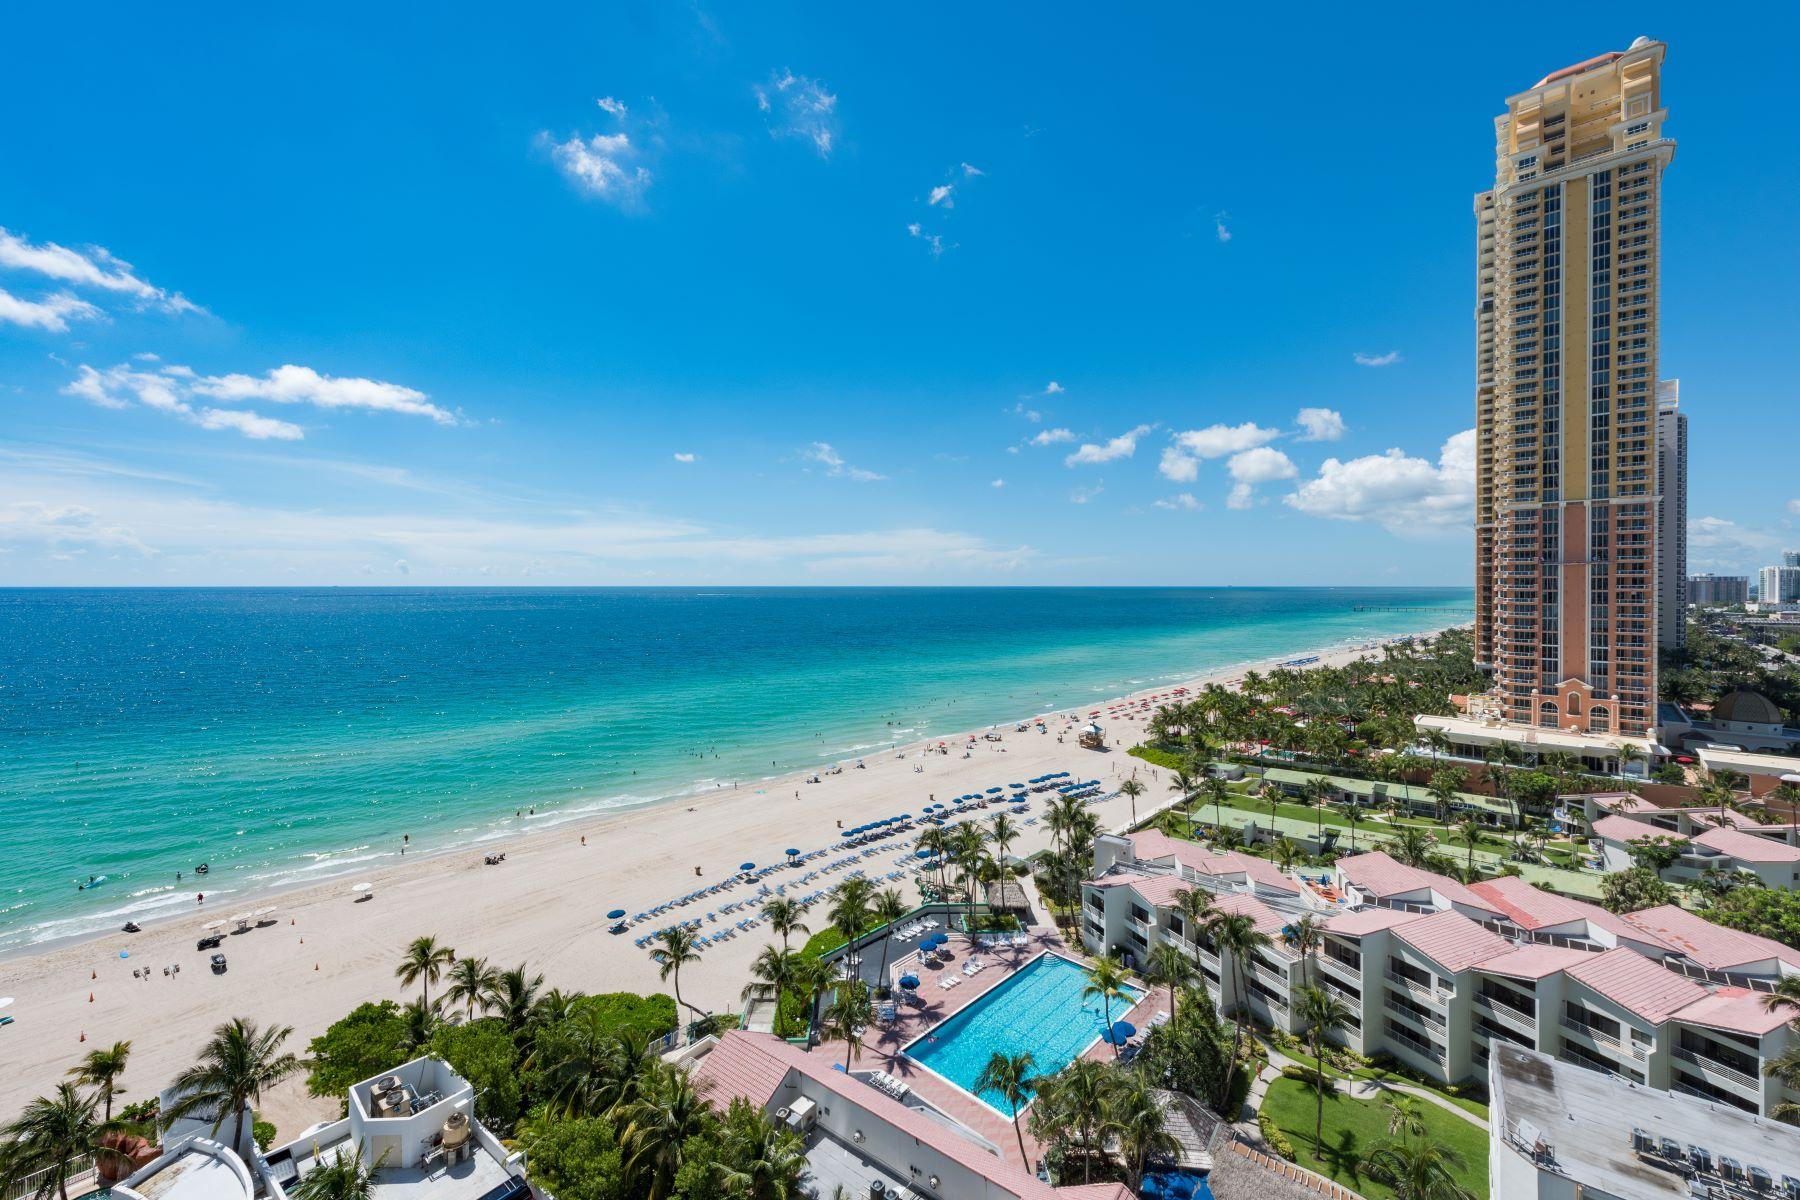 Кондоминиум для того Продажа на 18001 Collins Ave #1210 18001Collins Ave 1210, Sunny Isles Beach, Флорида, 33160 Соединенные Штаты